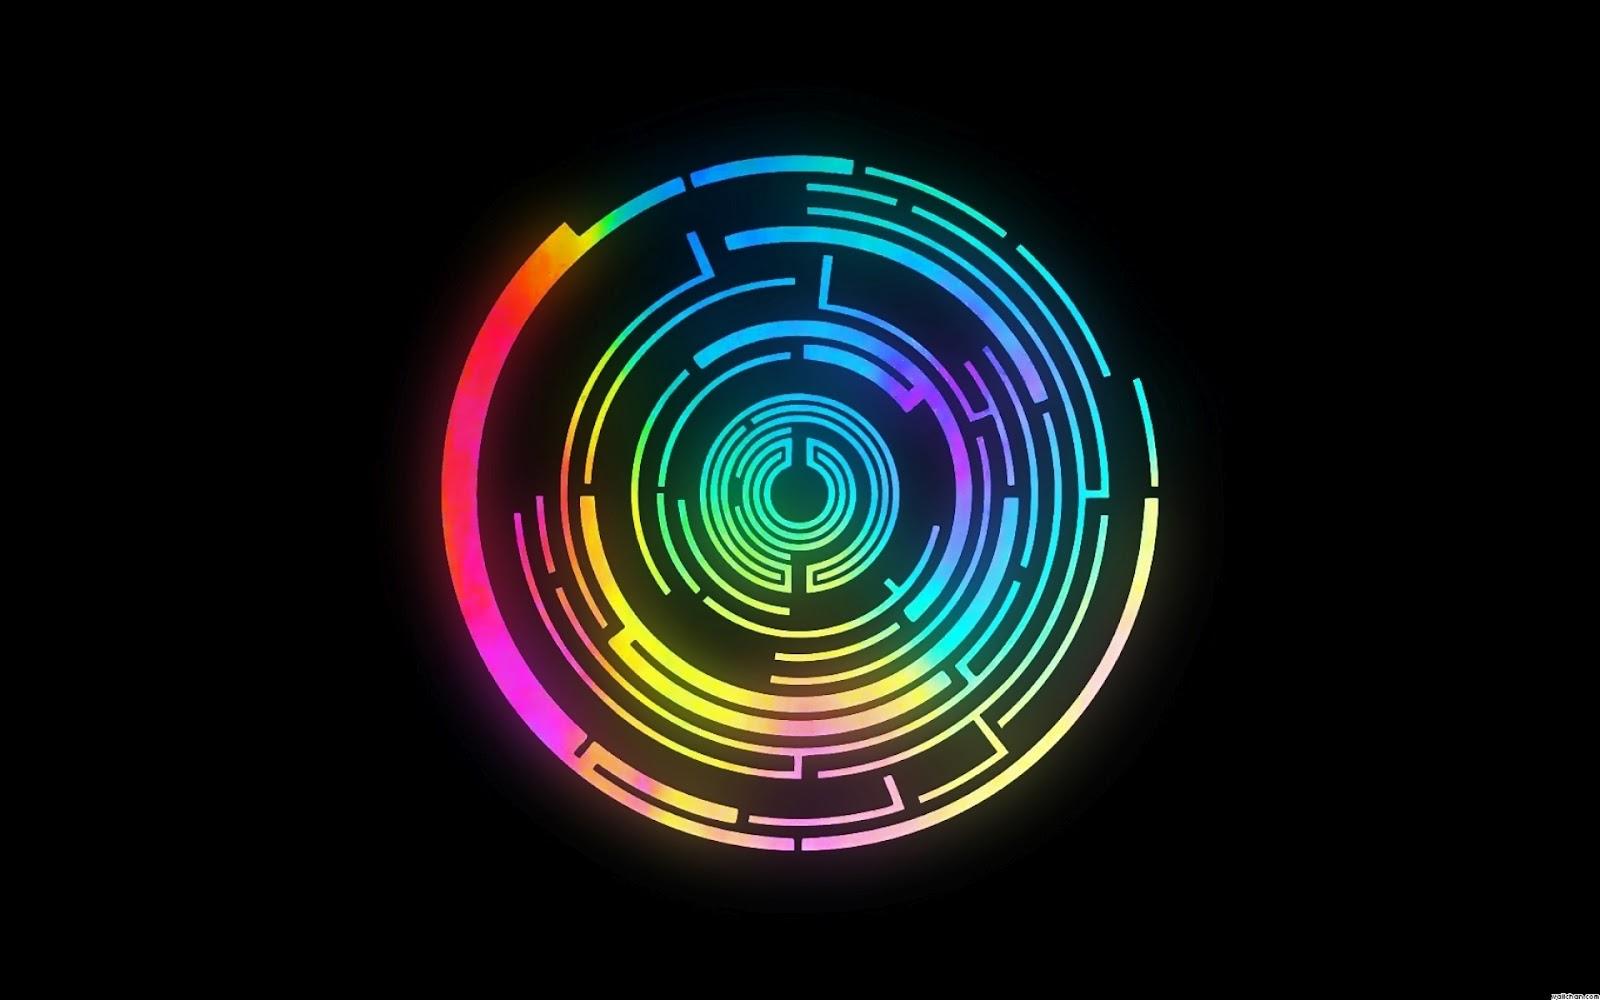 16 Music Graphic Design Images